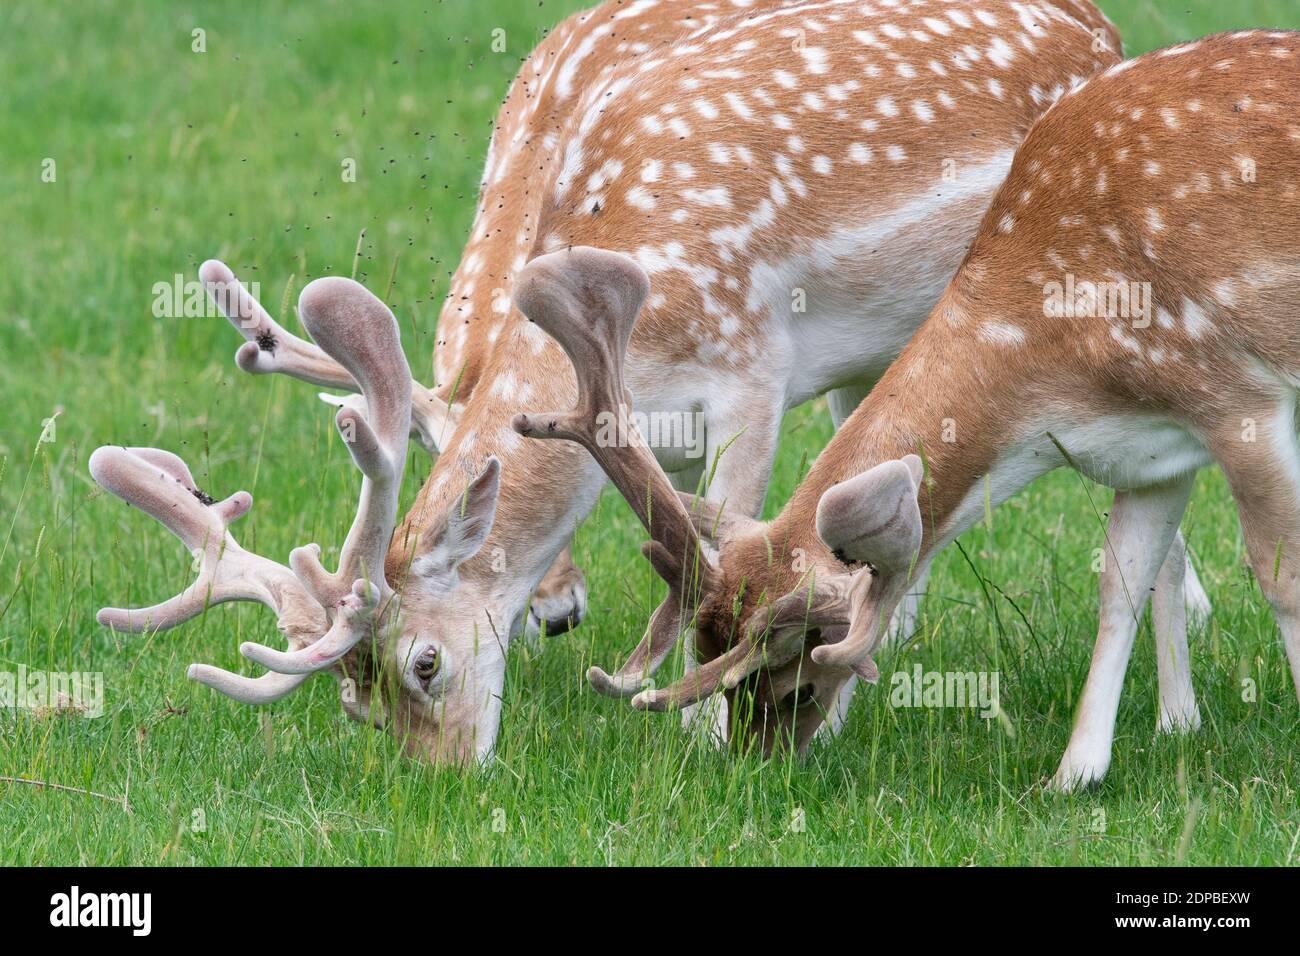 Deer Grazing In A Field Stock Photo